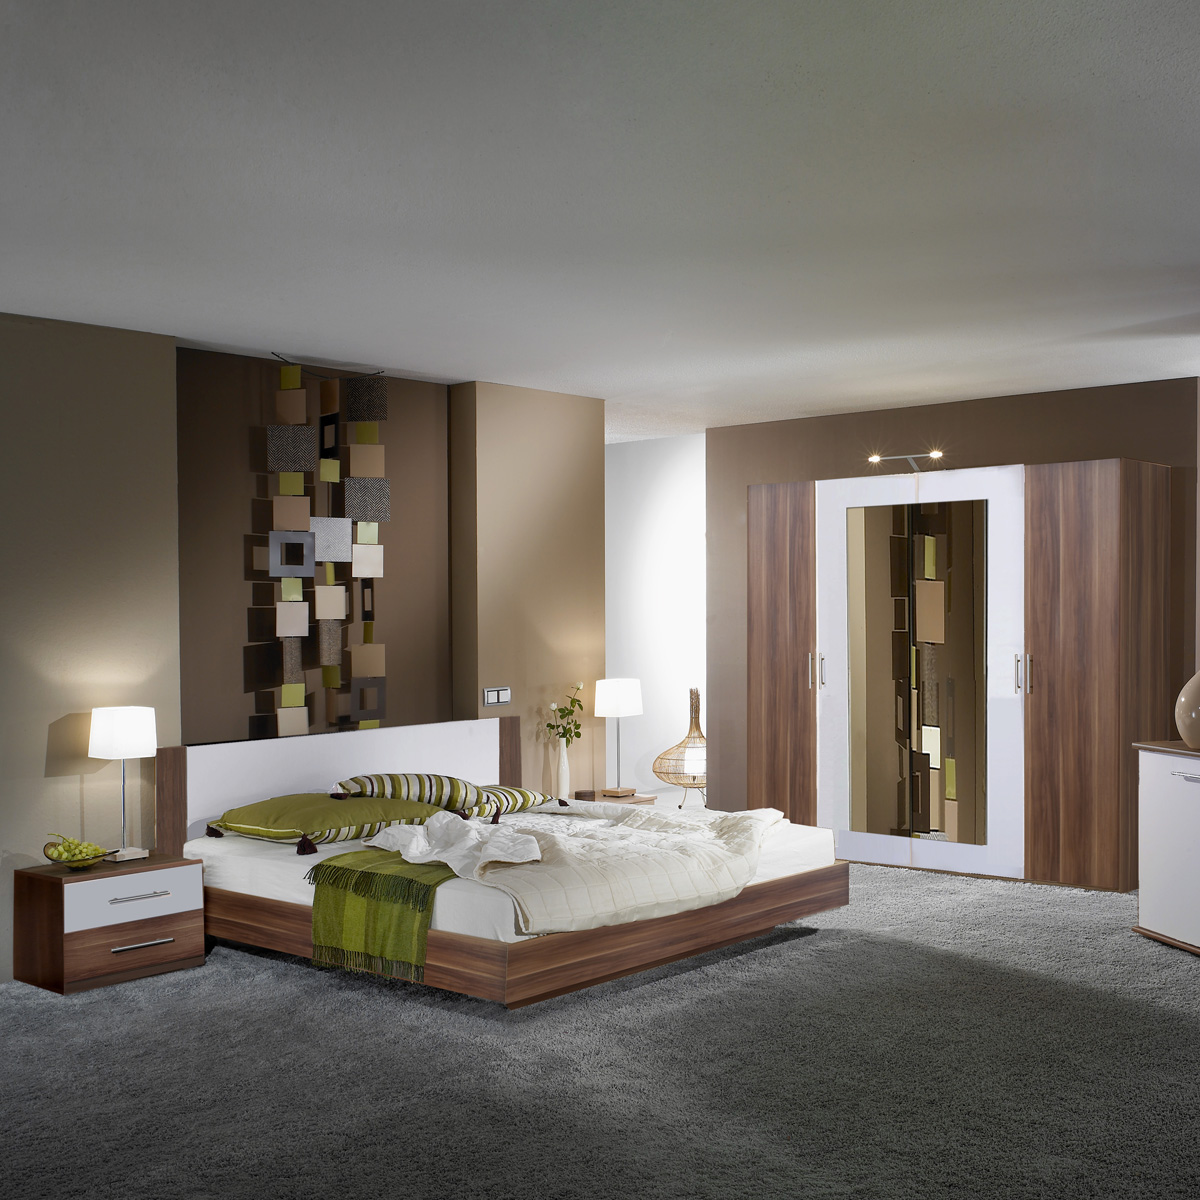 Schlafzimmer Braun Wei Ideen